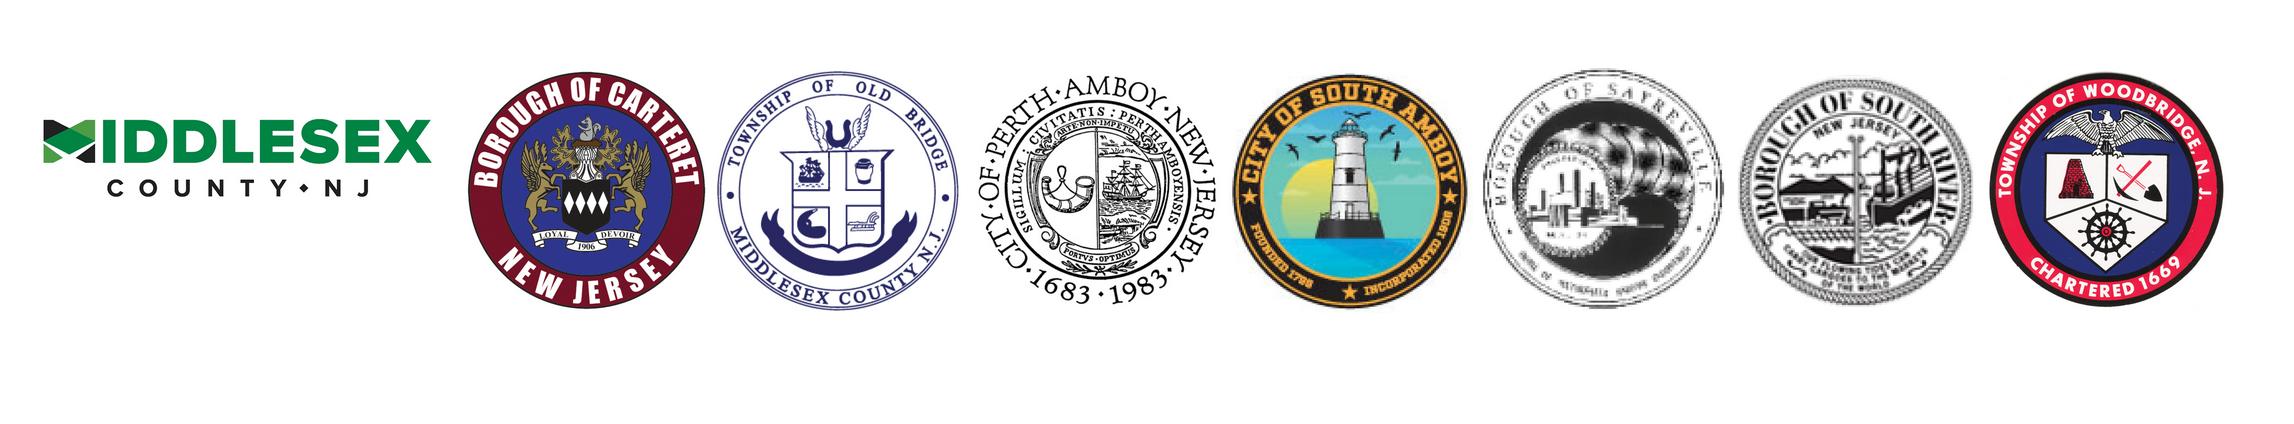 Region Team Logos